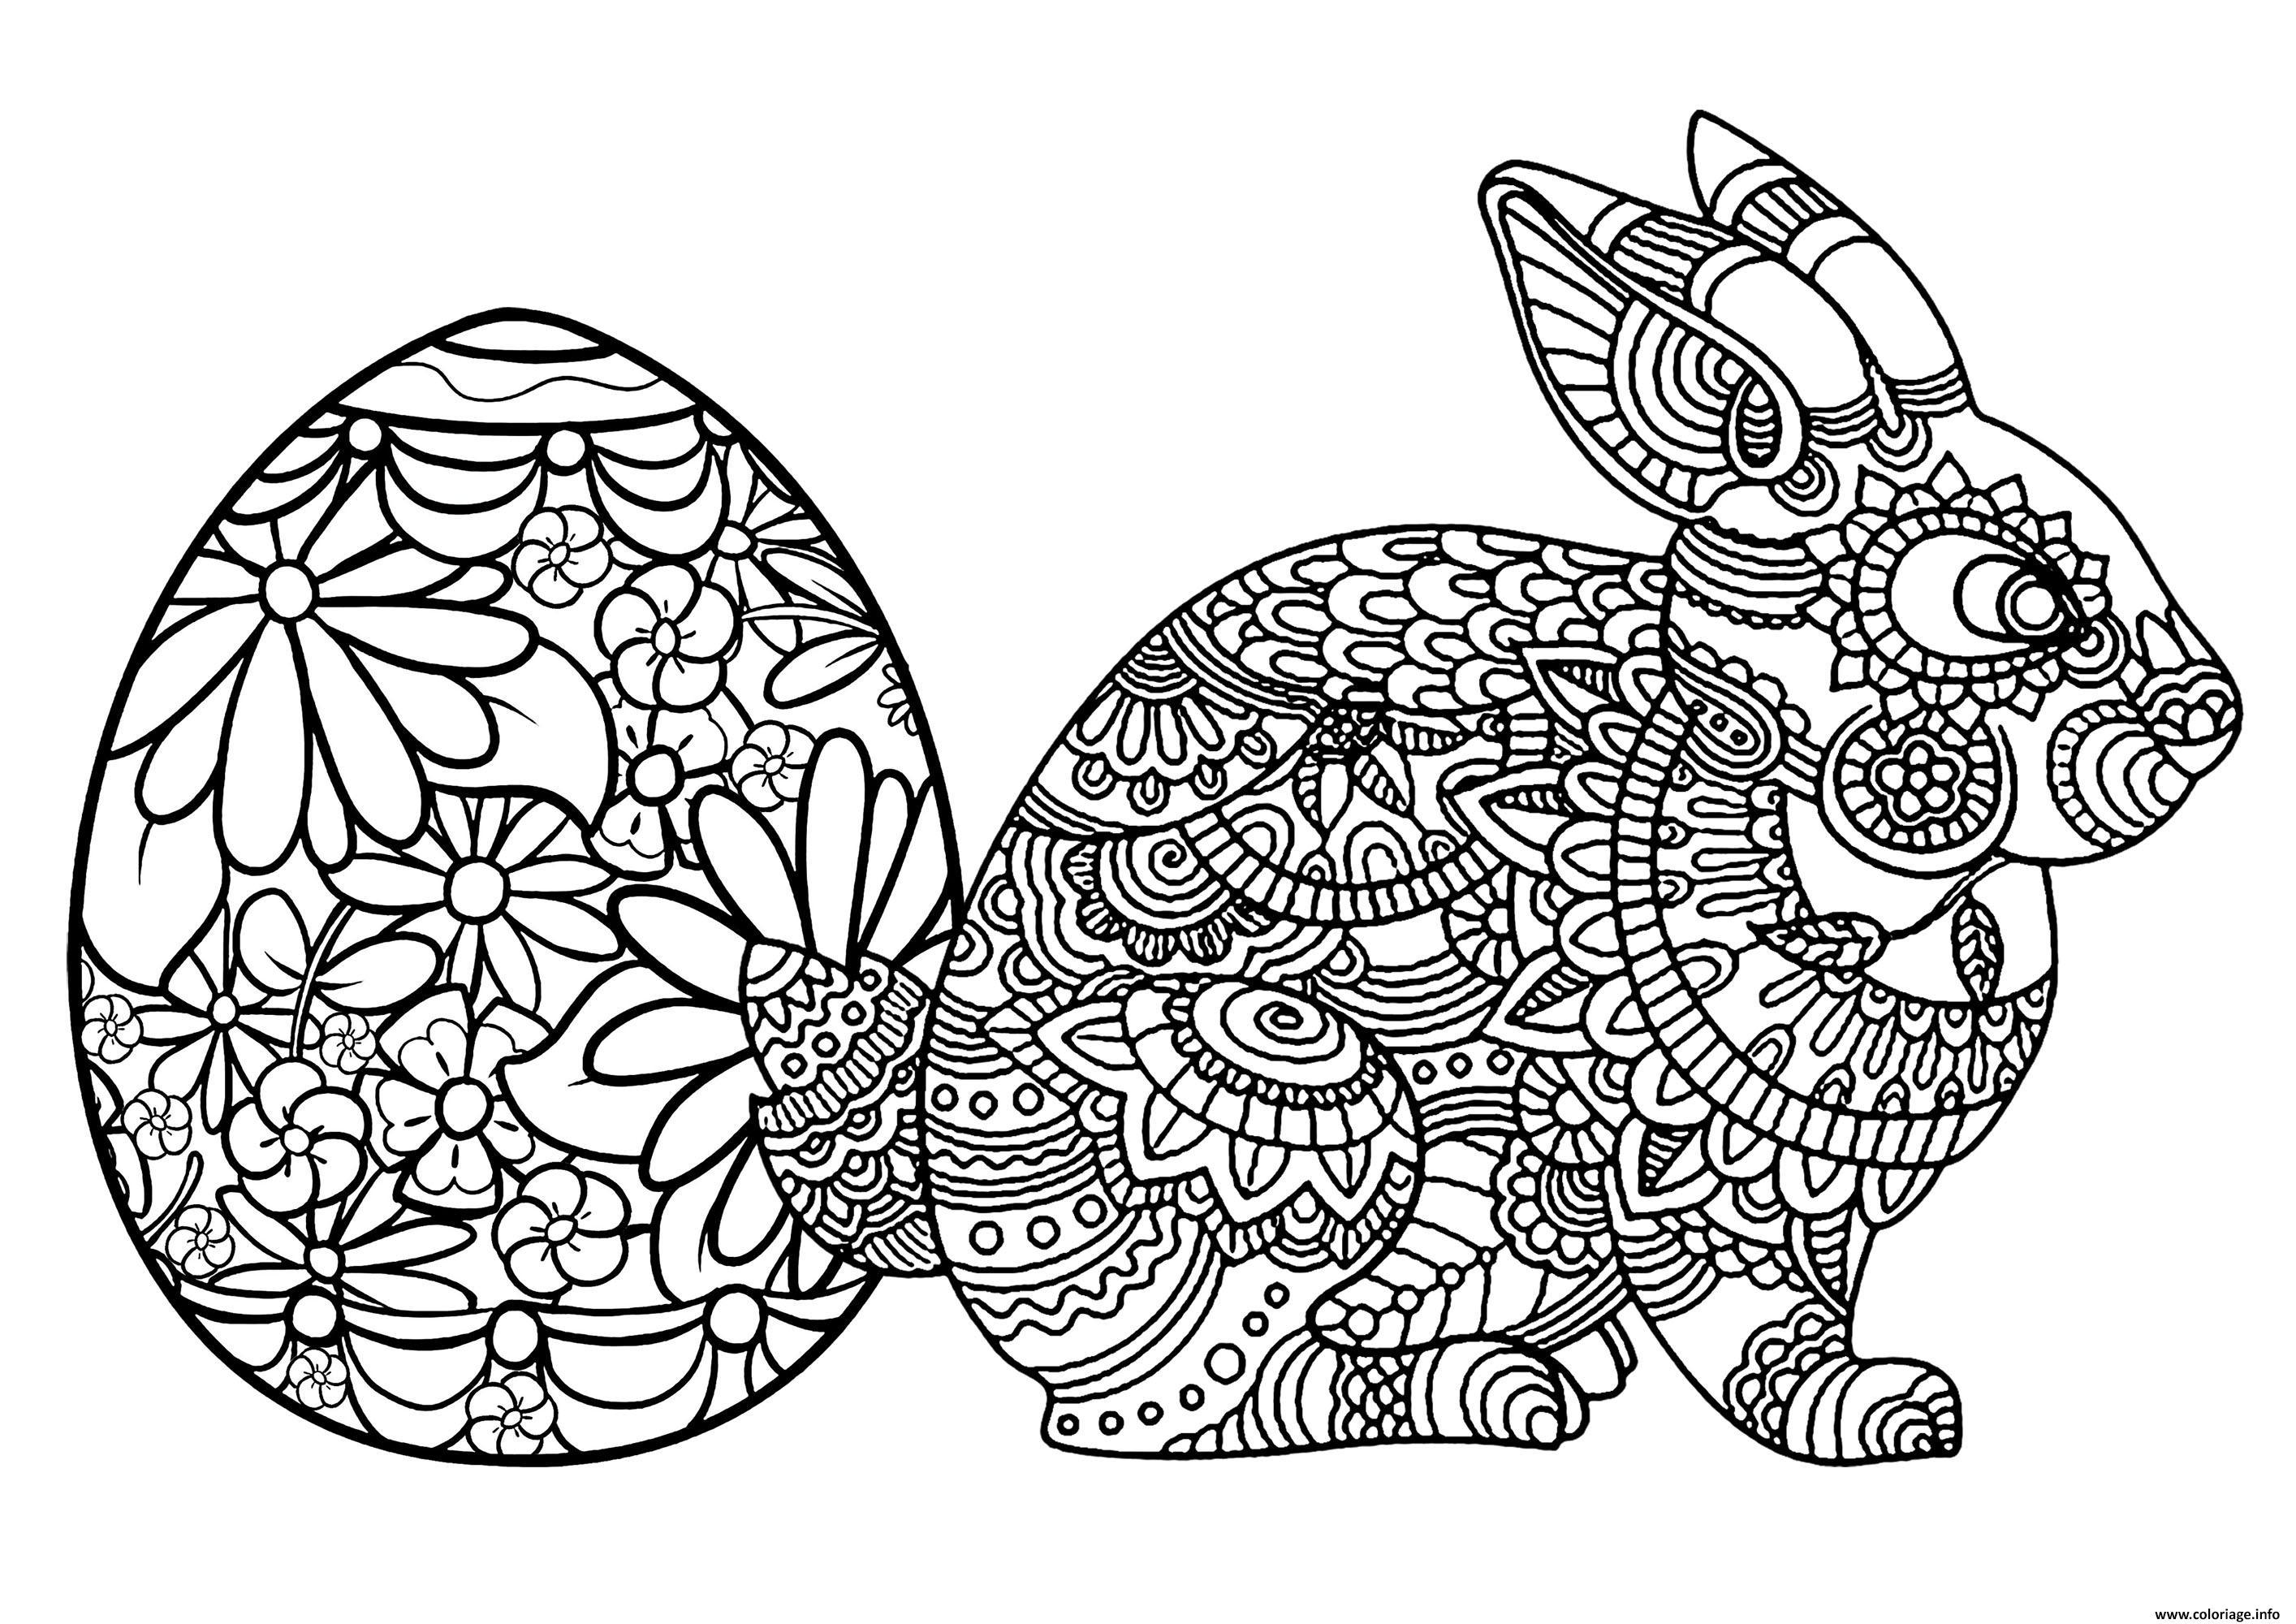 Dessin oeuf et lapin de paques adulte Coloriage Gratuit à Imprimer